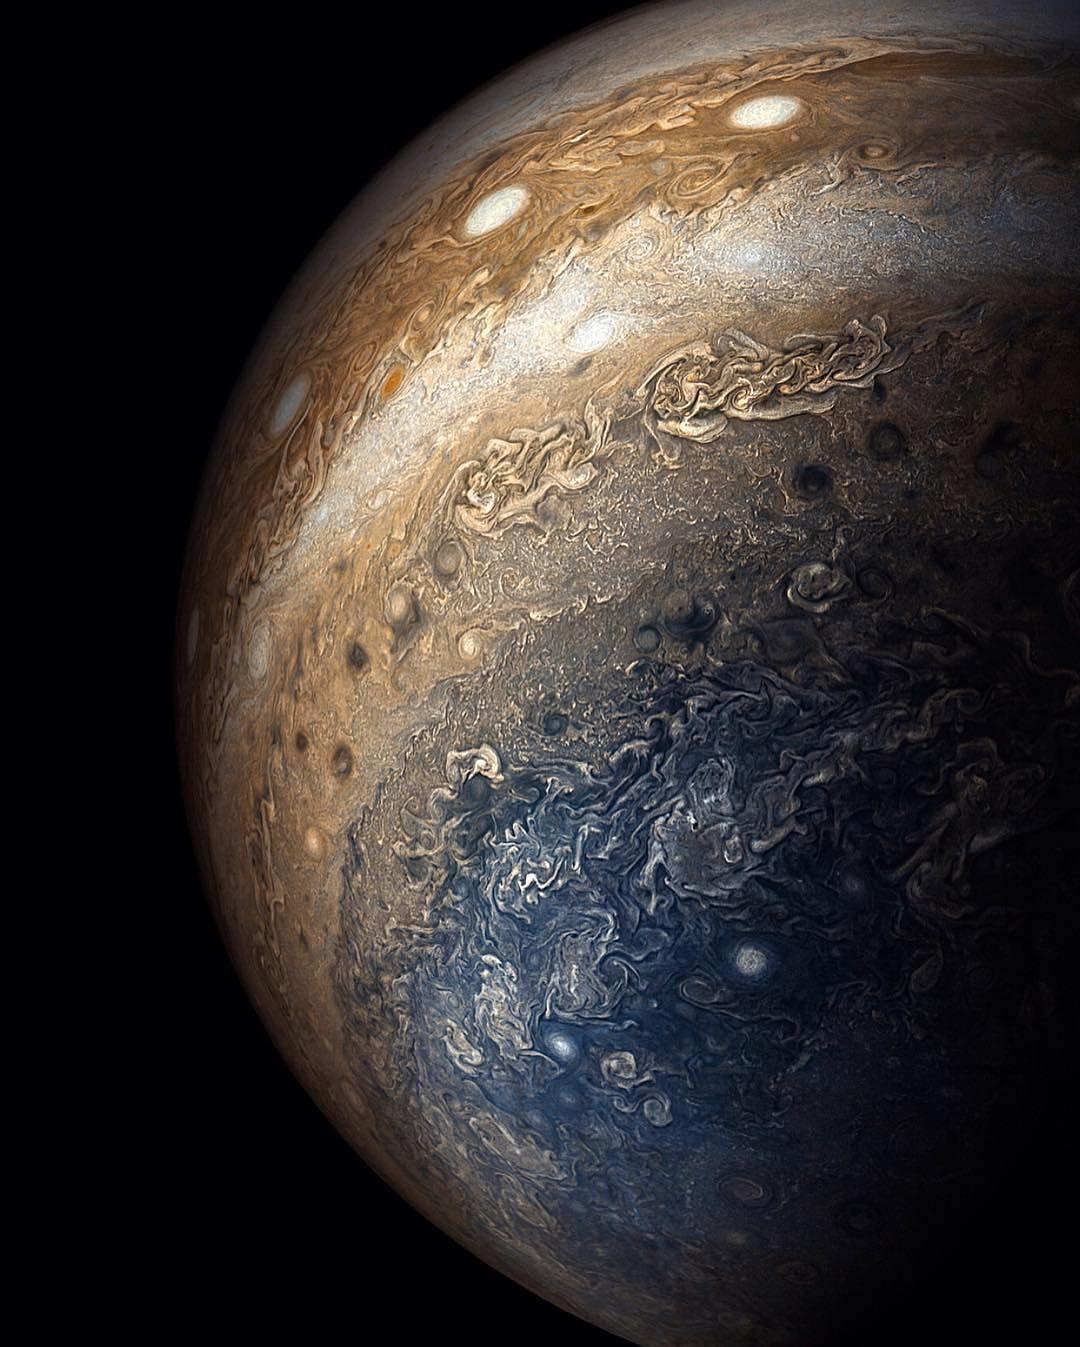 планеты фото из космоса вне солнечной системы продаже низким ценам